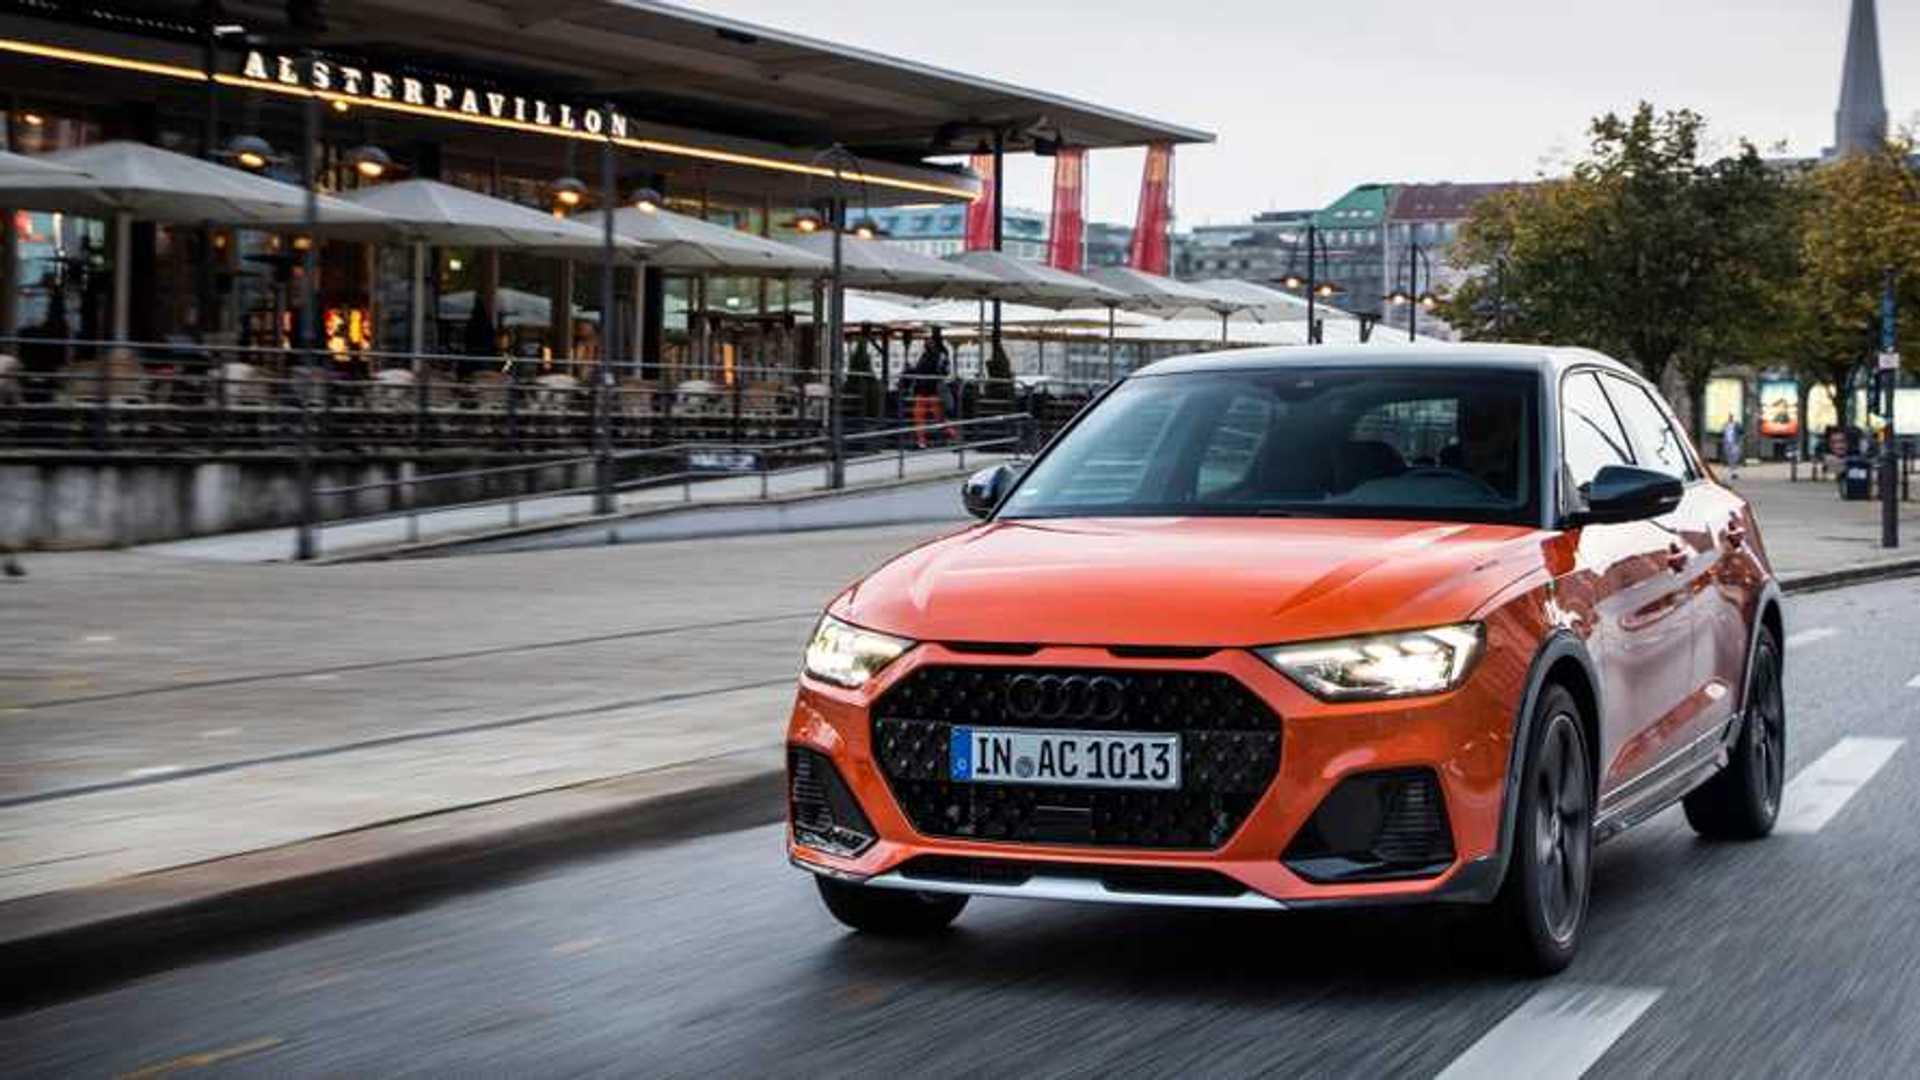 Audi A1 elétrico aparece em registro de patentes